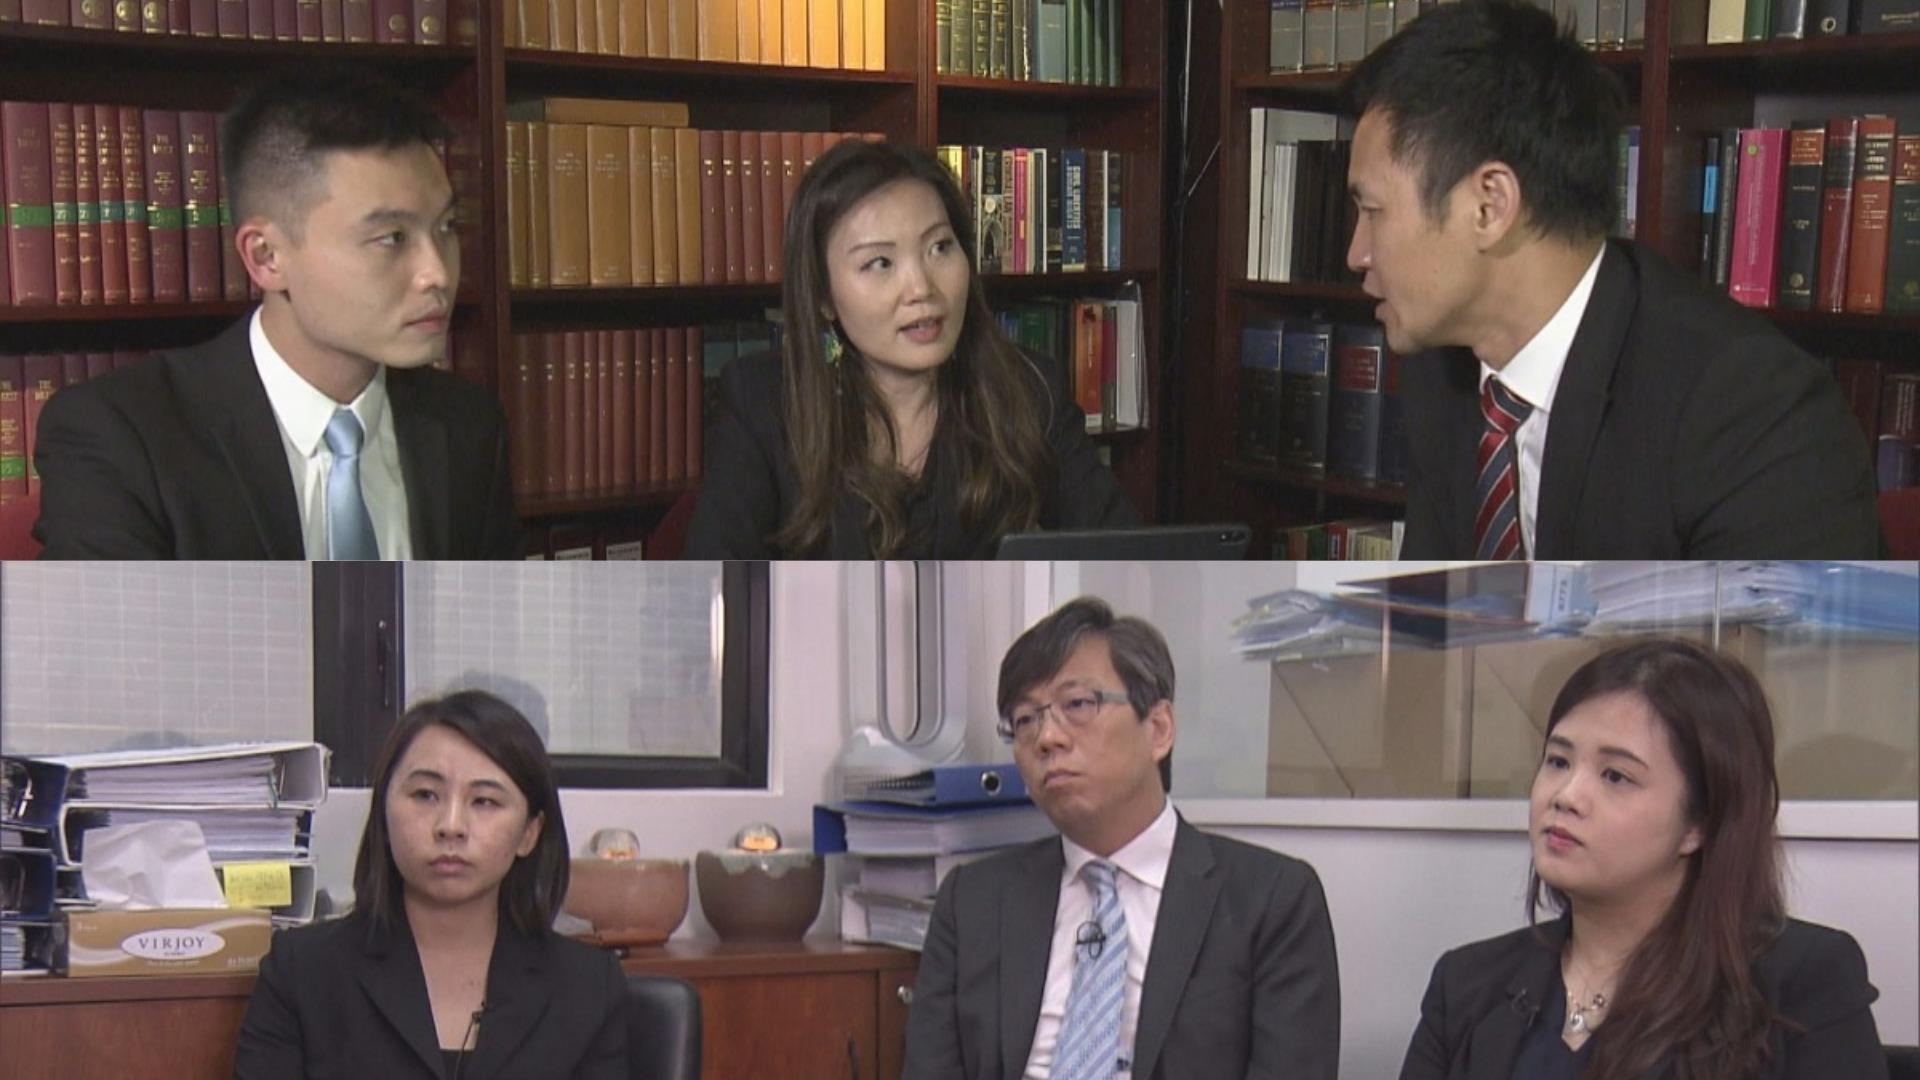 律師會改選 部分參選人曾任義務律師助示威者